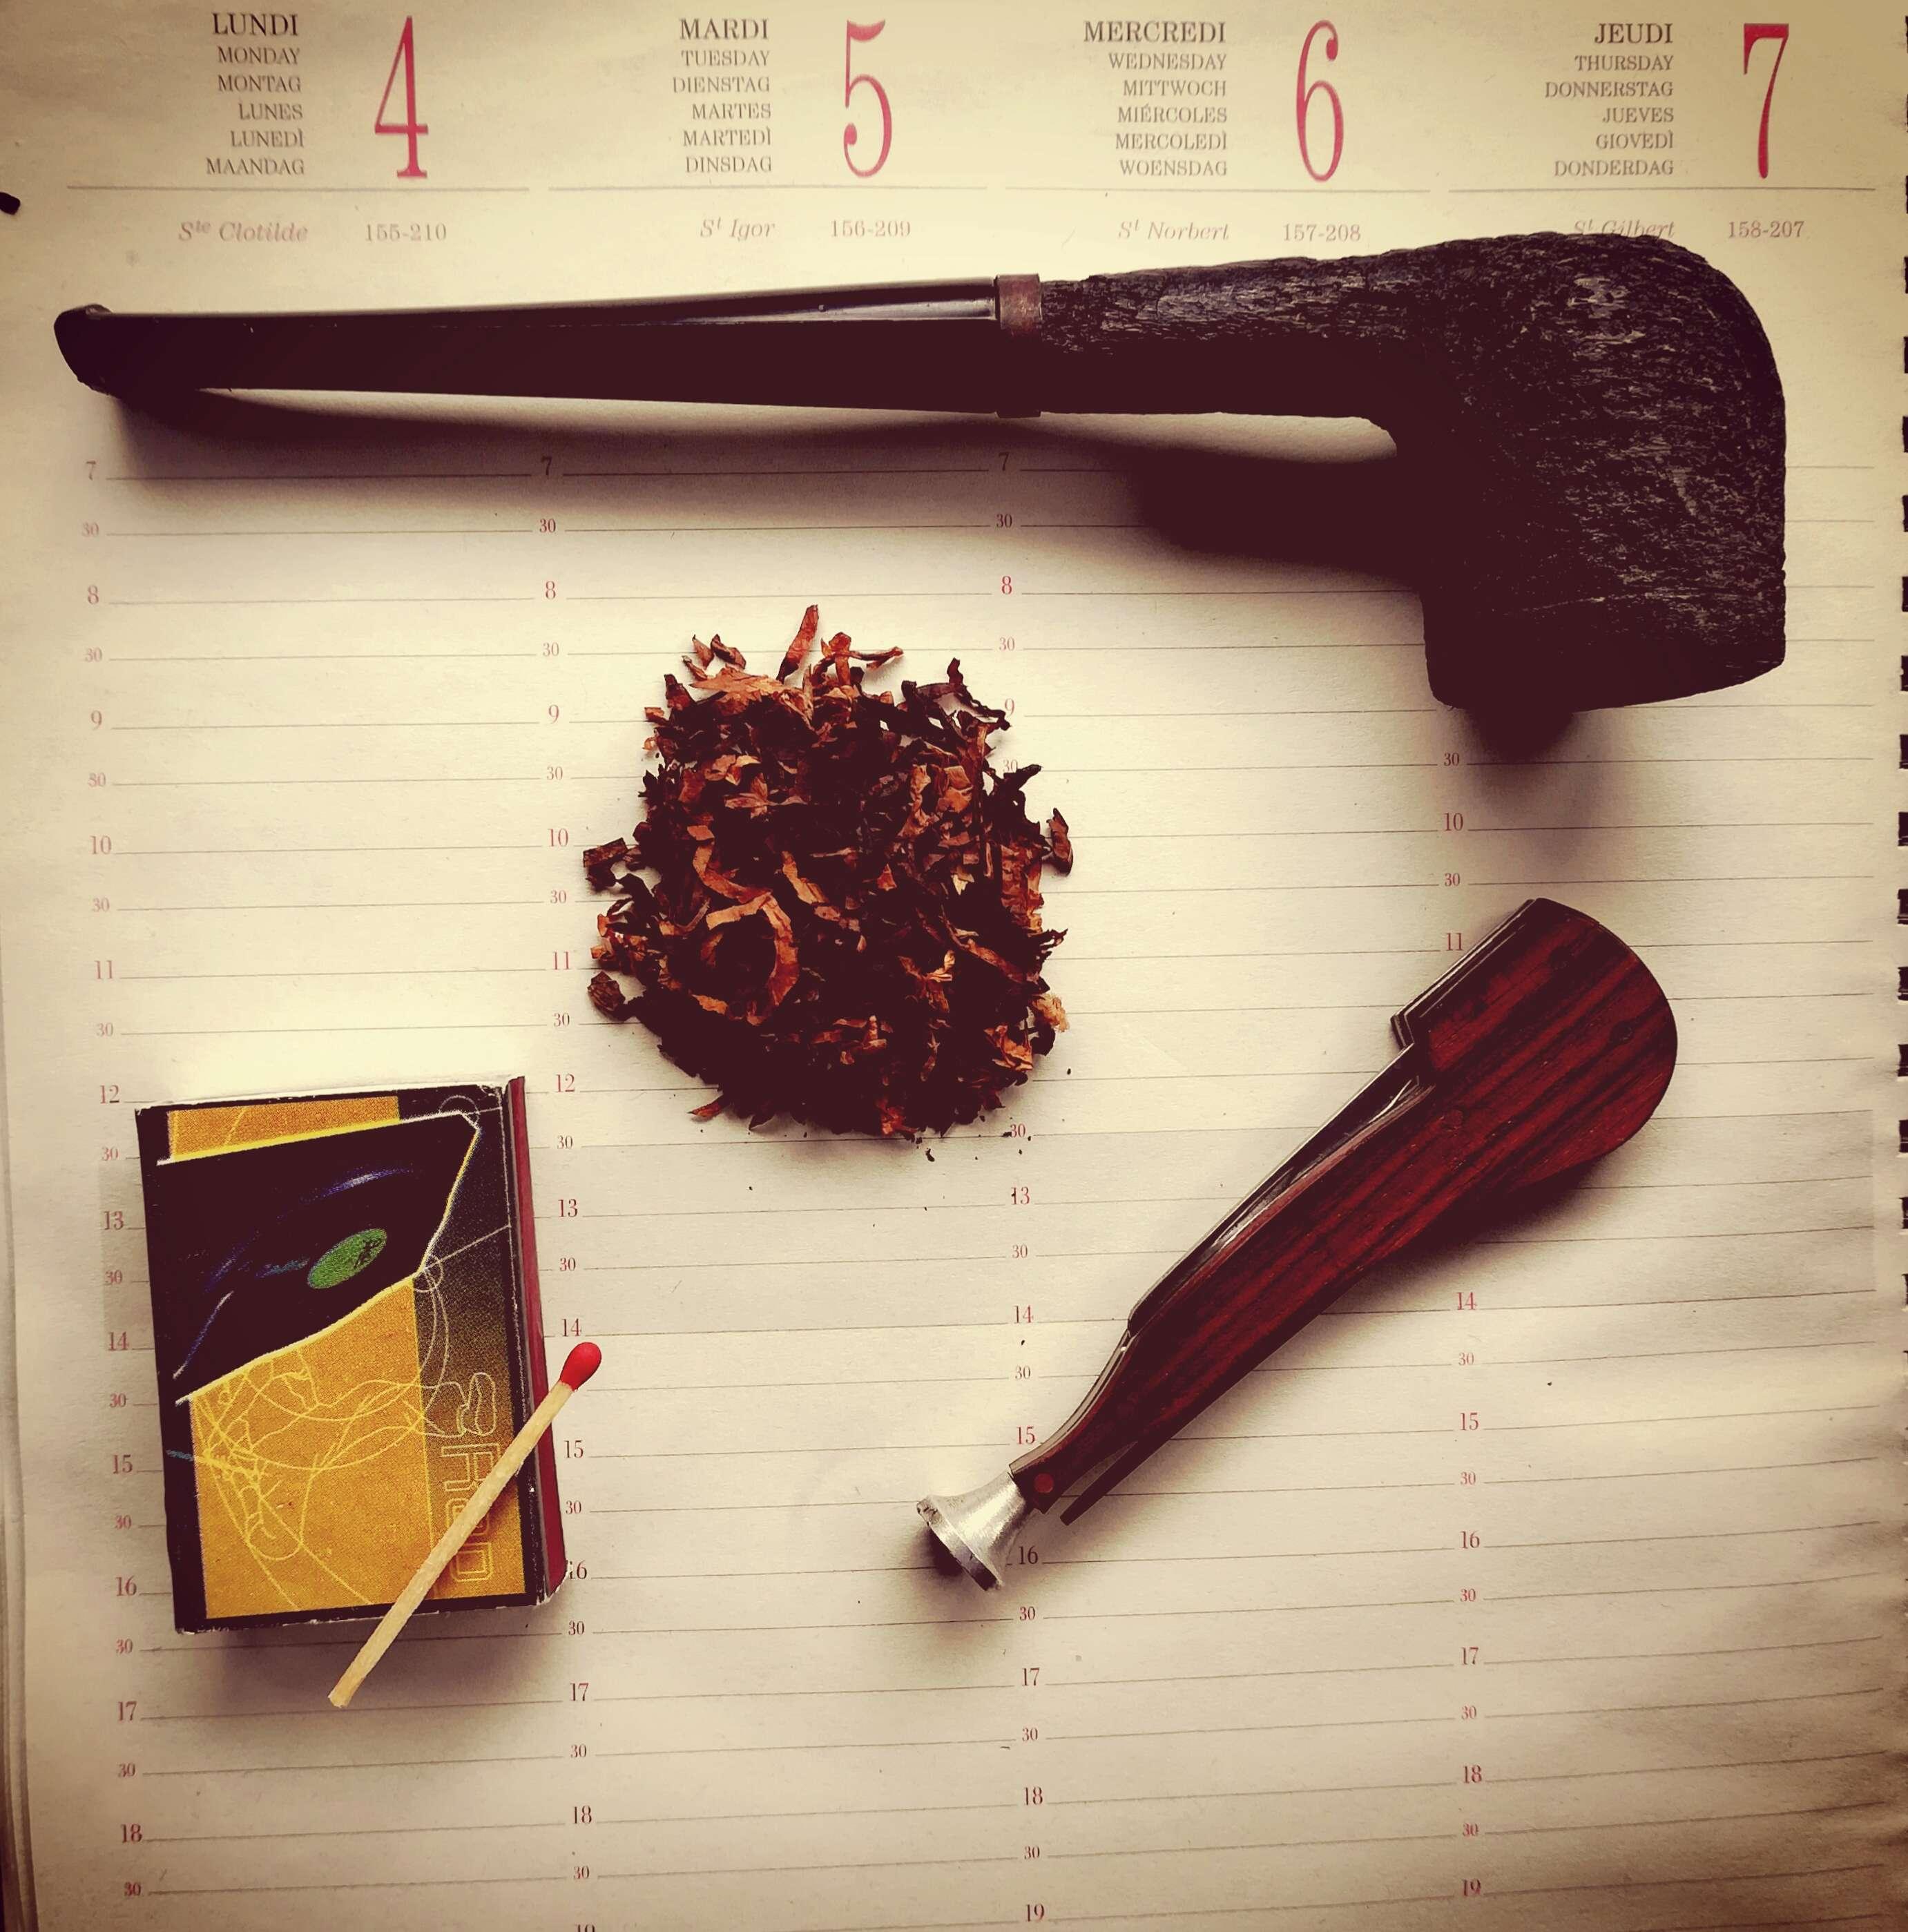 Veuillez trouver 6 juin les tabacs souhaités  Img_2102